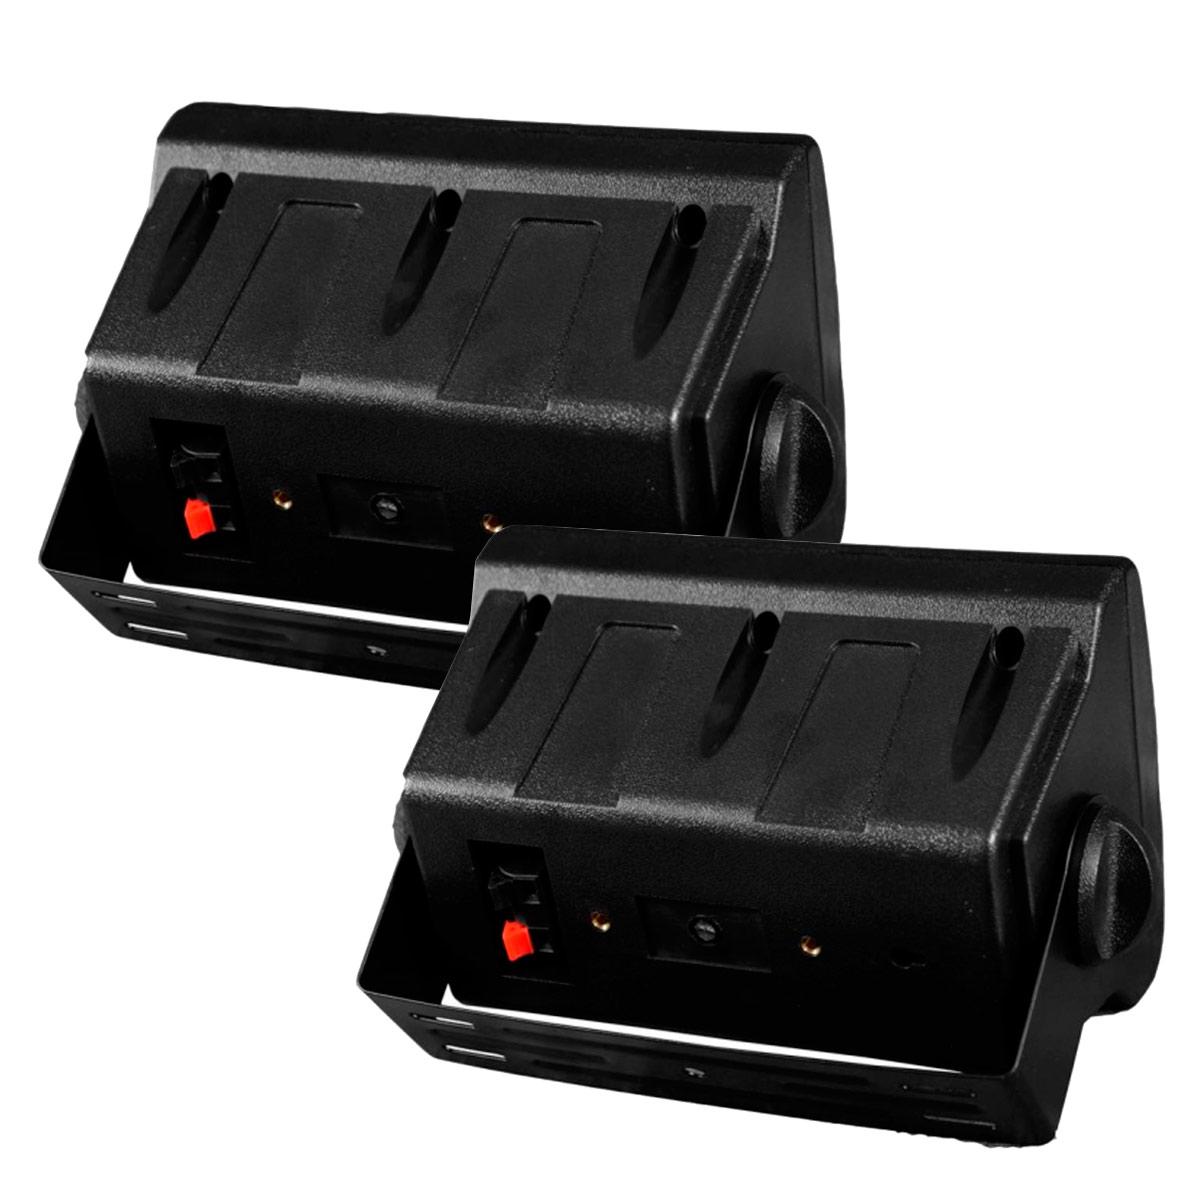 IT65 - Caixa Passiva 75W Preta c/ Suporte ( Par ) IT 65 - Leacs